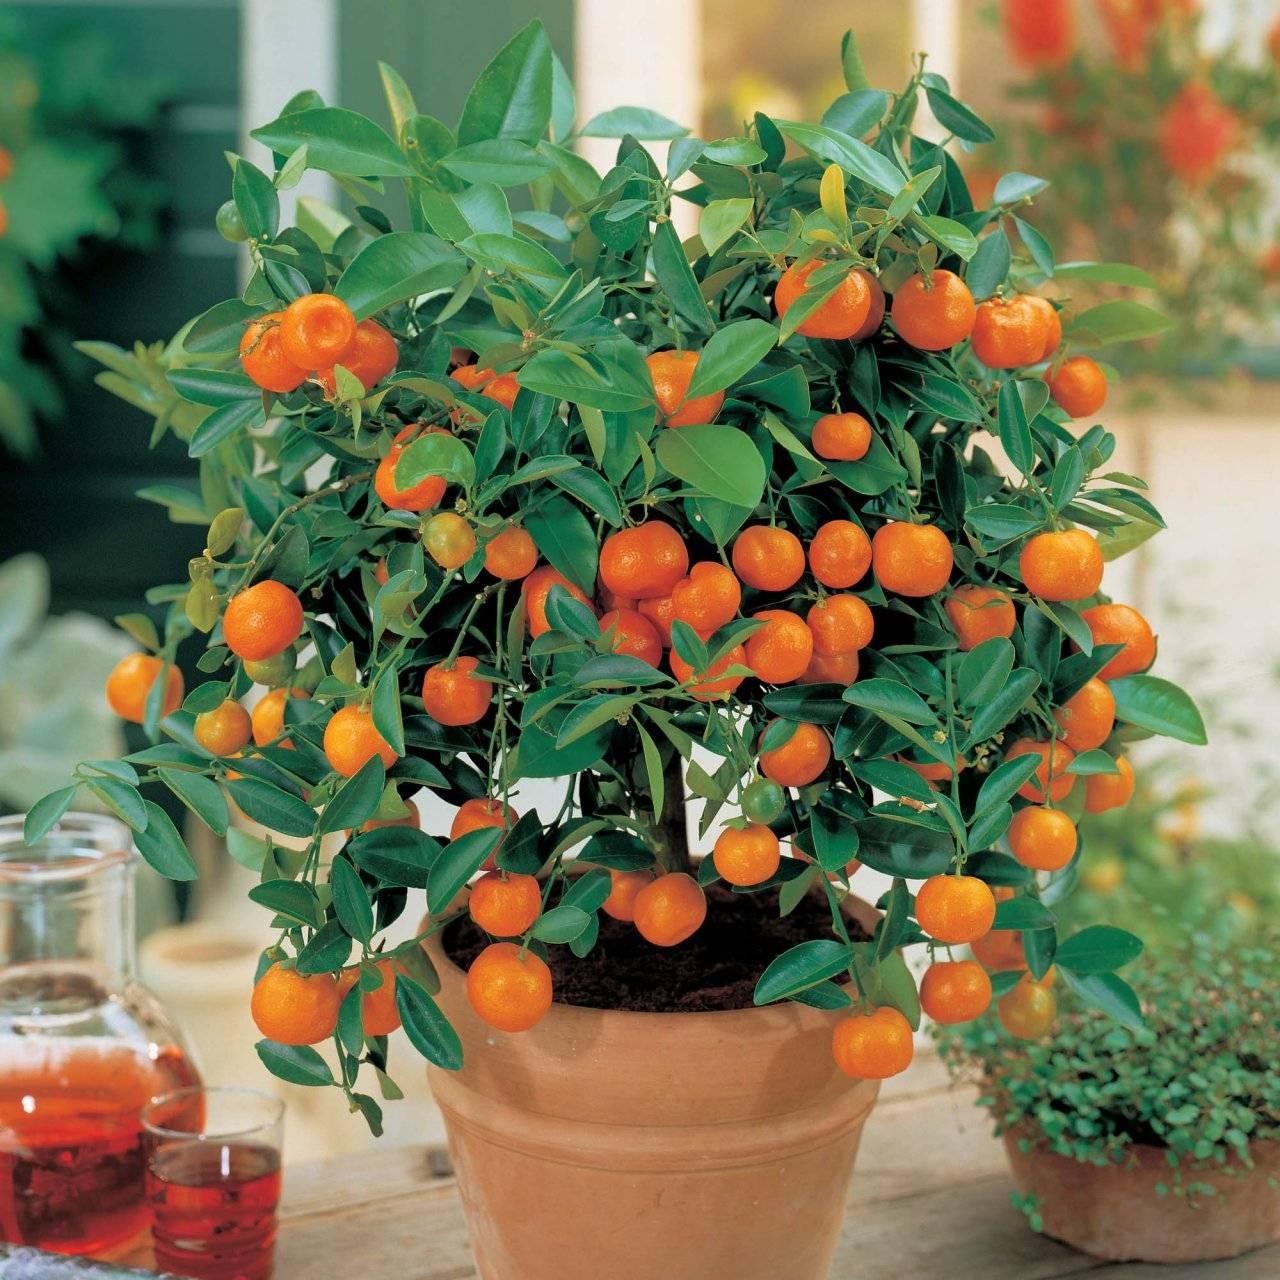 Комнатный мандарин: уход и выращивание в домашних условиях - sadovnikam.ru